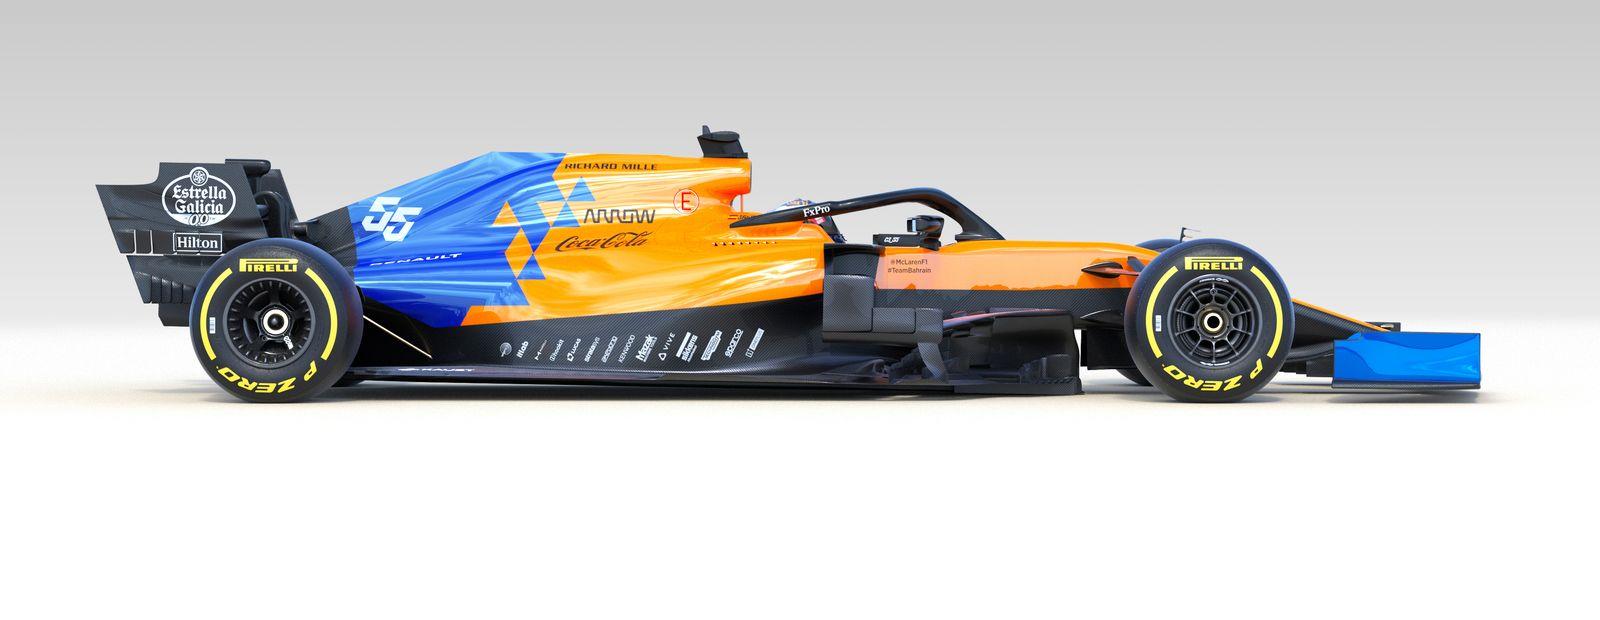 McLaren unveils MCL34 alongside new 2019 driver line-up